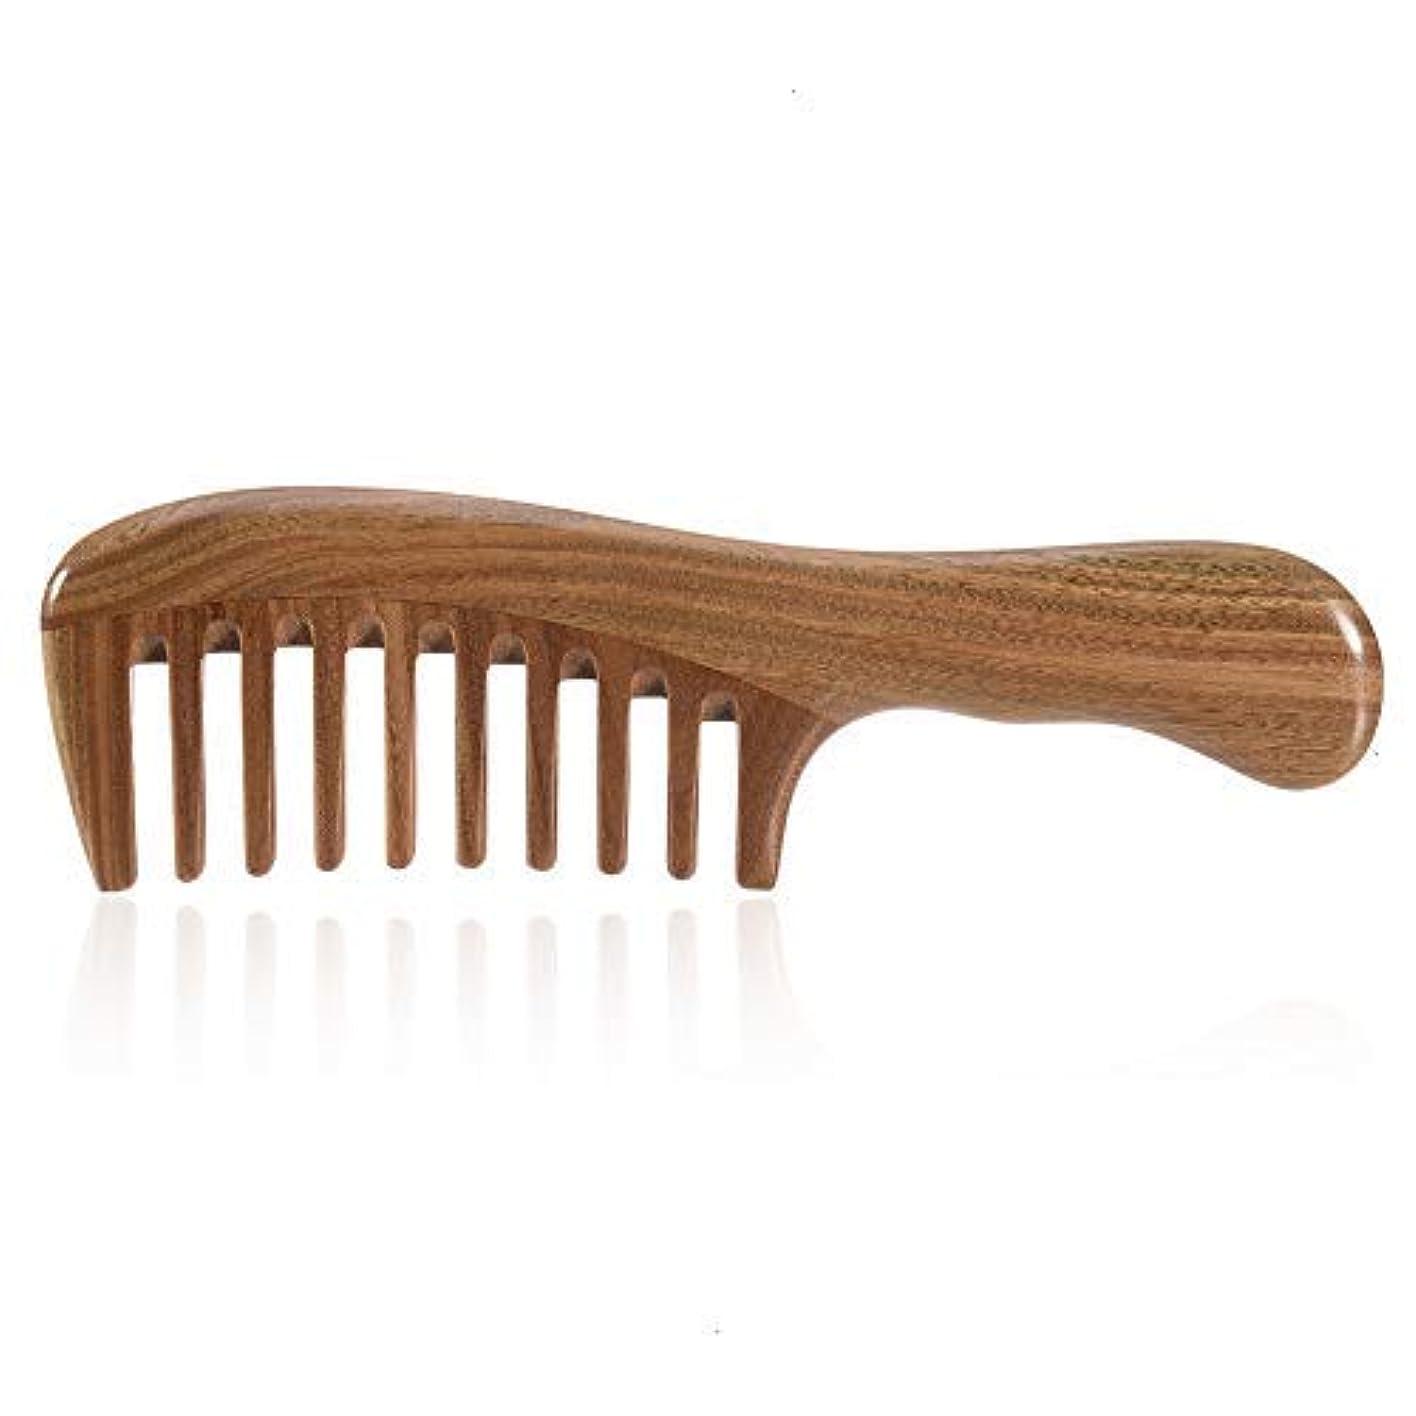 塗抹非互換省略するFeeko Wooden Comb, 1 PC Wide Tooth Detangling Handmade Natural Green Sandalwood Comb Anti-Static Thick Curly Wavy...